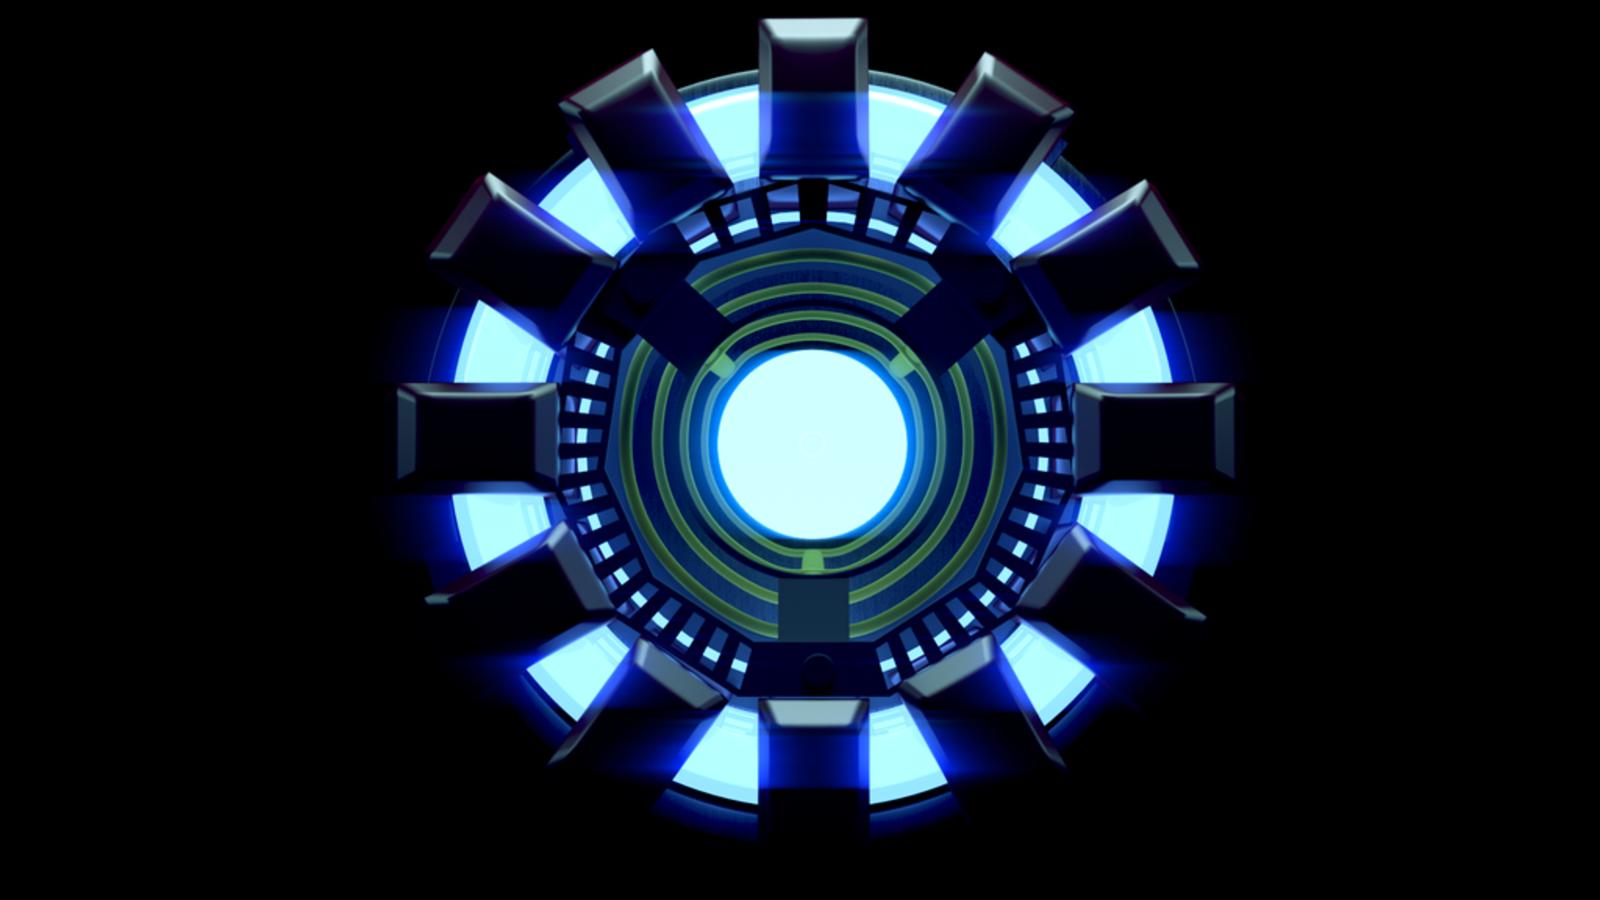 Arc Reactor Wallpaper HD - WallpaperSafari